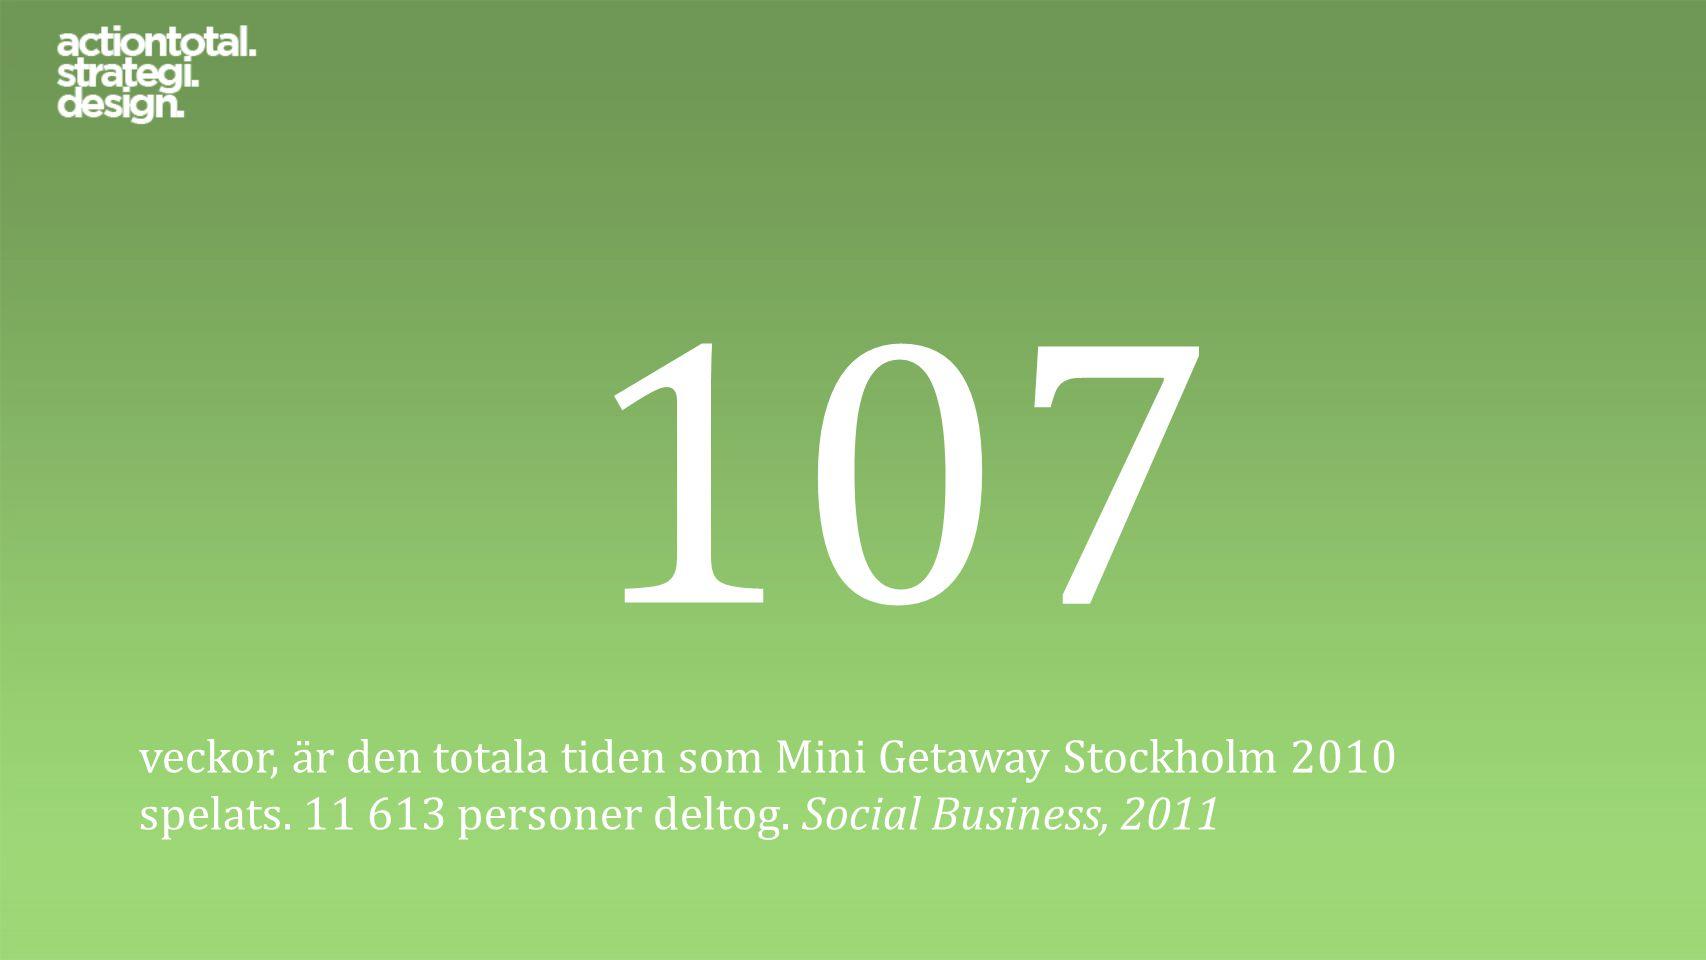 107 veckor, är den totala tiden som Mini Getaway Stockholm 2010 spelats. 11 613 personer deltog. Social Business, 2011